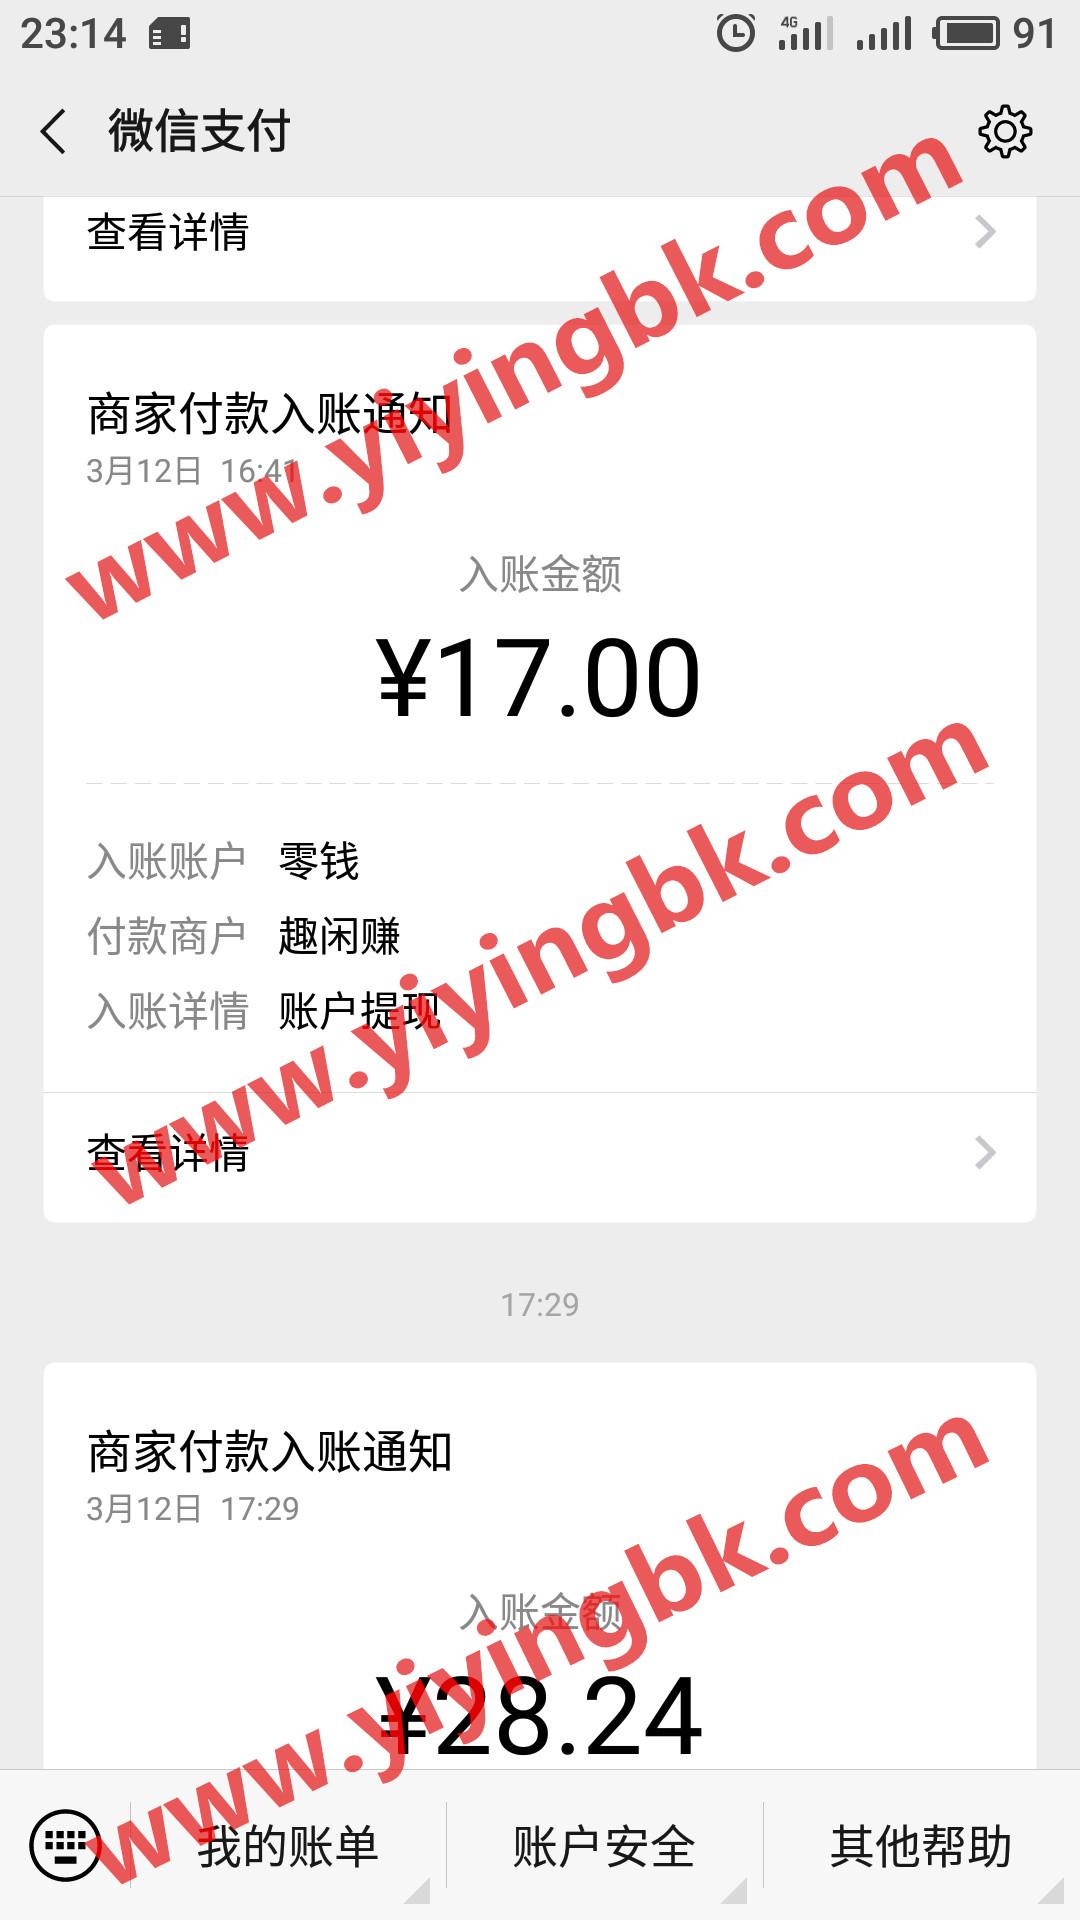 趣闲赚钱微信提现17元支付秒到账。www.yiyingbk.com